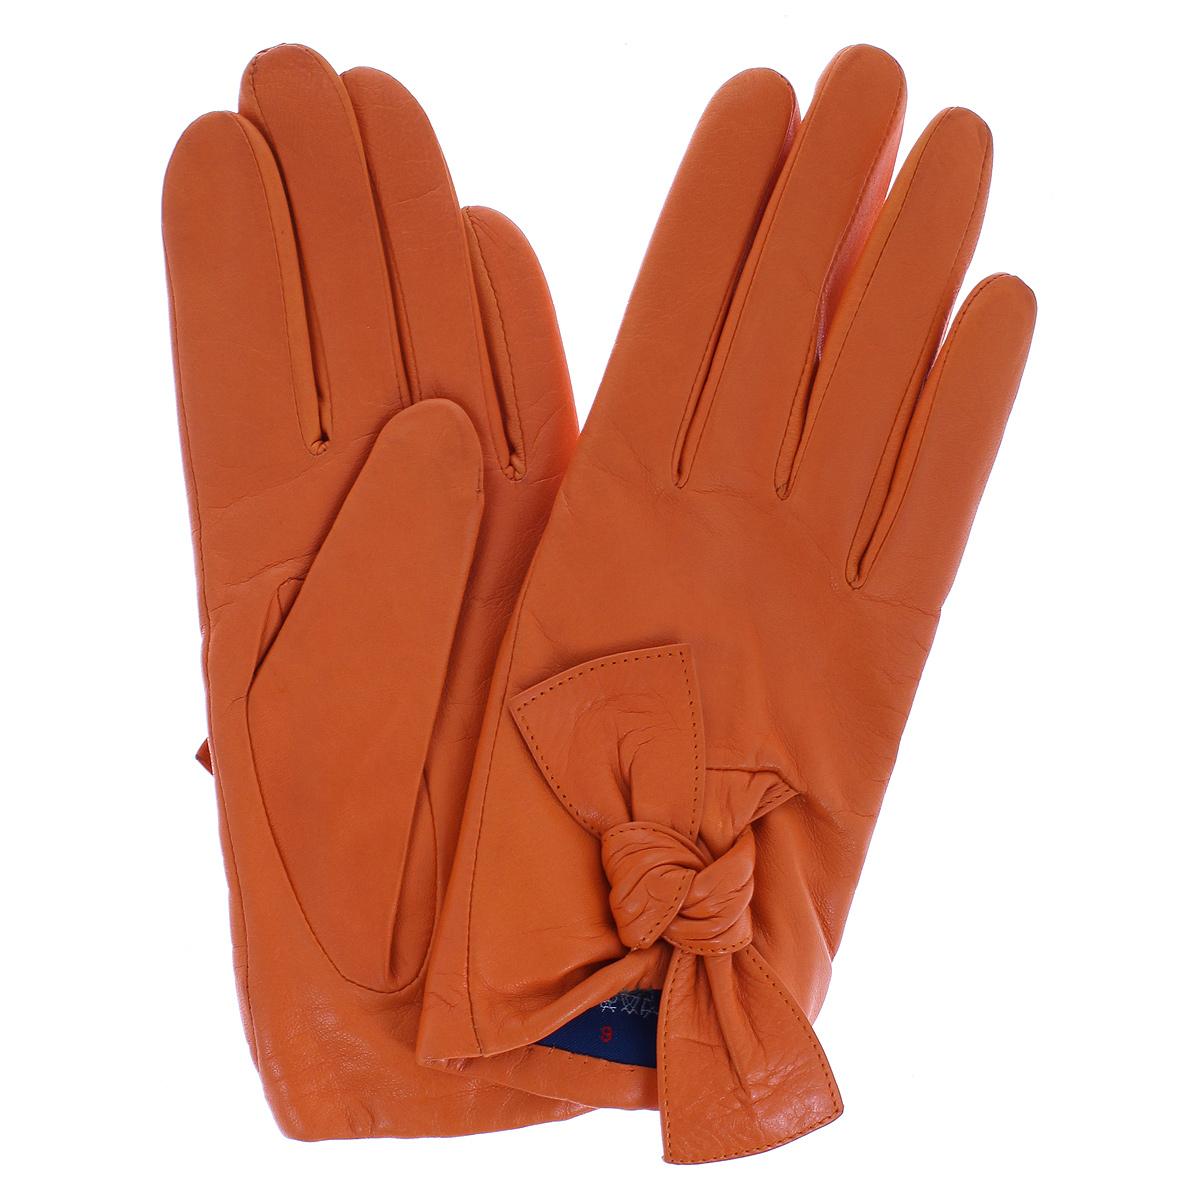 Перчатки11_HETAIRE/BL//11Стильные перчатки Dali Exclusive с подкладкой из шерсти выполнены из мягкой и приятной на ощупь натуральной кожи ягненка. С лицевой стороны манжеты оформлены декоративными узелками. Такие перчатки подчеркнут ваш стиль и неповторимость и придадут всему образу нотки женственности и элегантности.